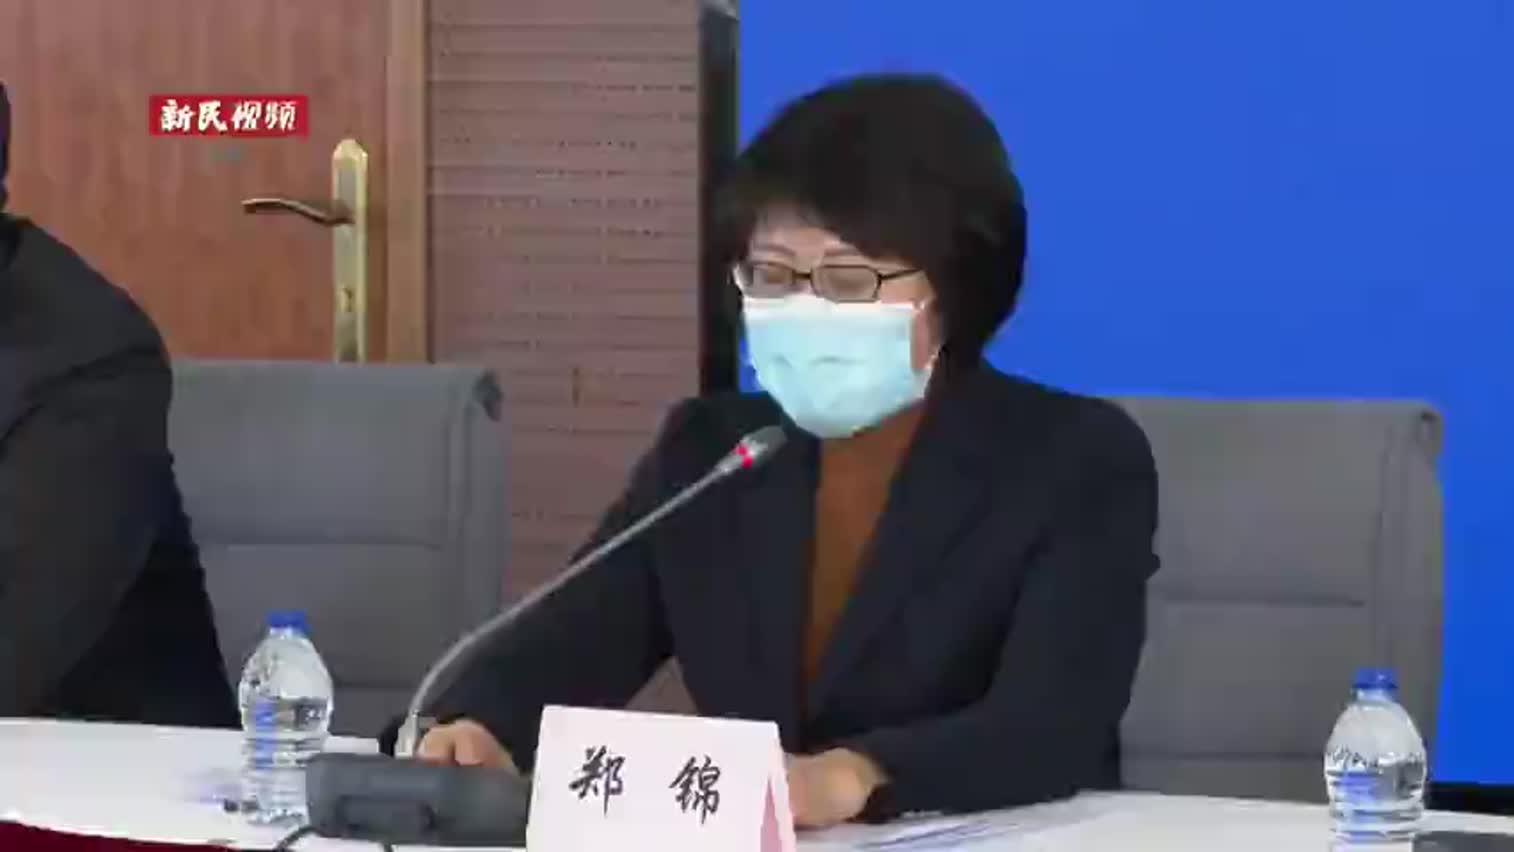 沪卫健委答纽约时报提问:确诊病例降低 上海依然不克不及有涓滴放松